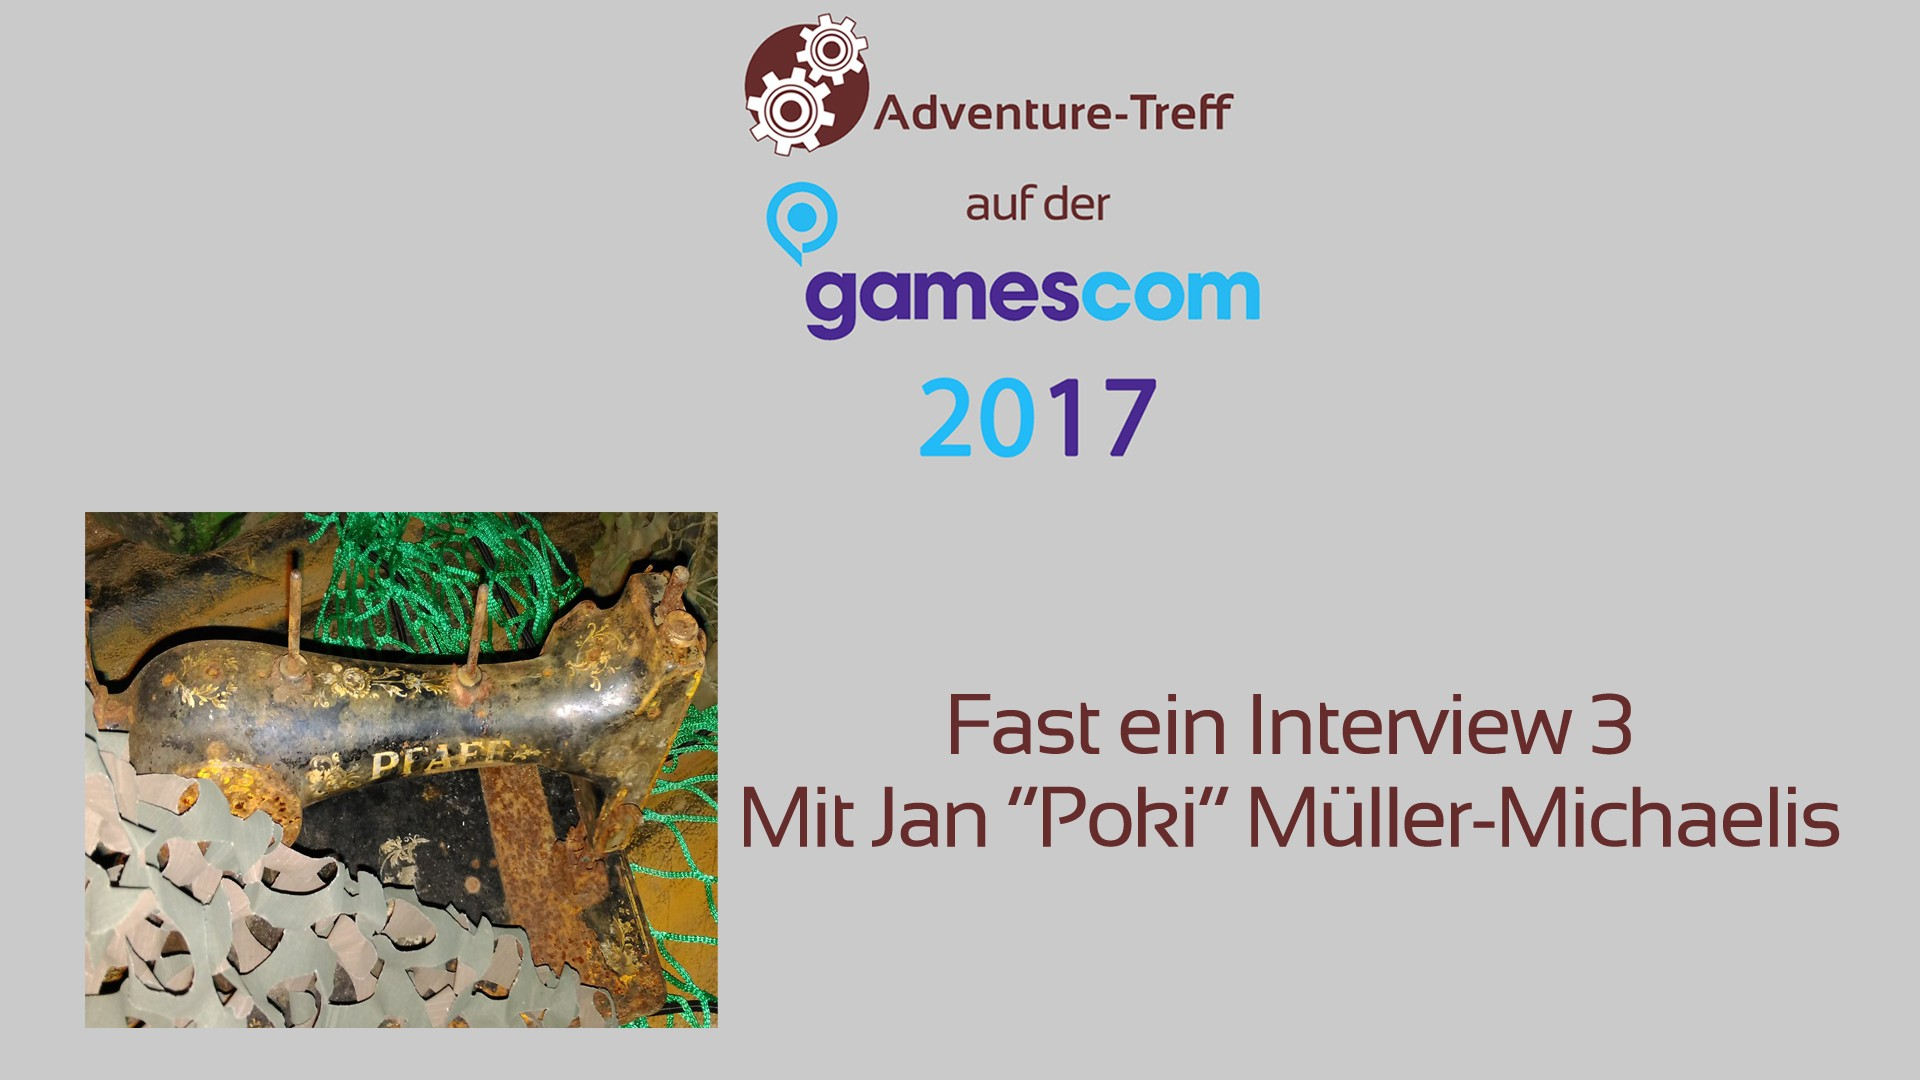 Fast ein Interview 3